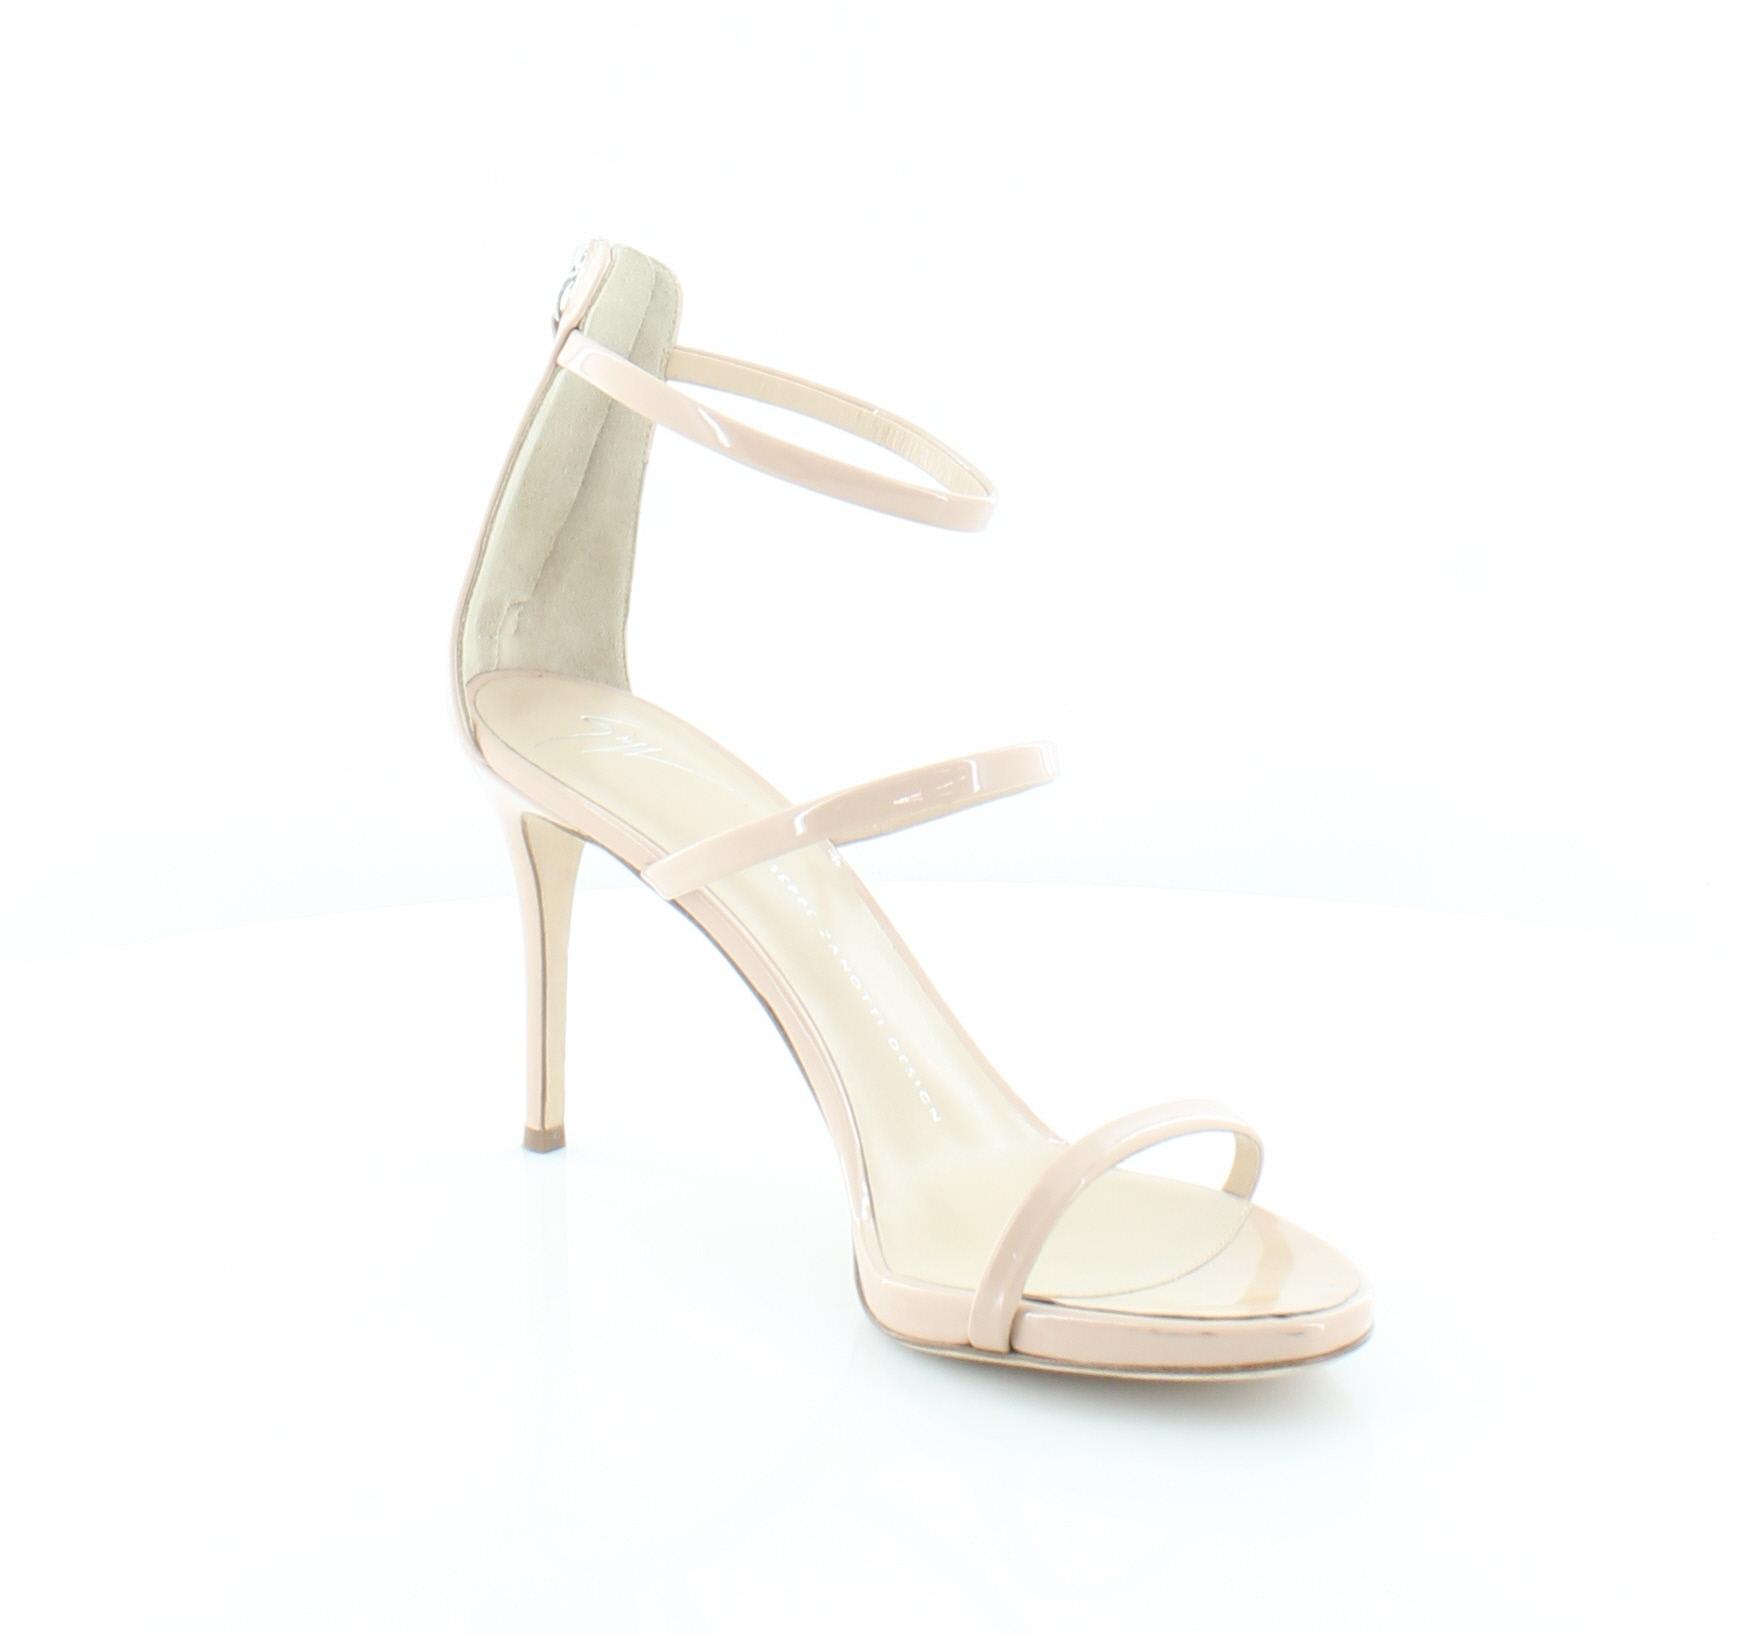 6c9a490d69e69 Giuseppe Zanotti Alien 3 Strap Beige Womens Shoes Size 10 M Heels MSRP $725